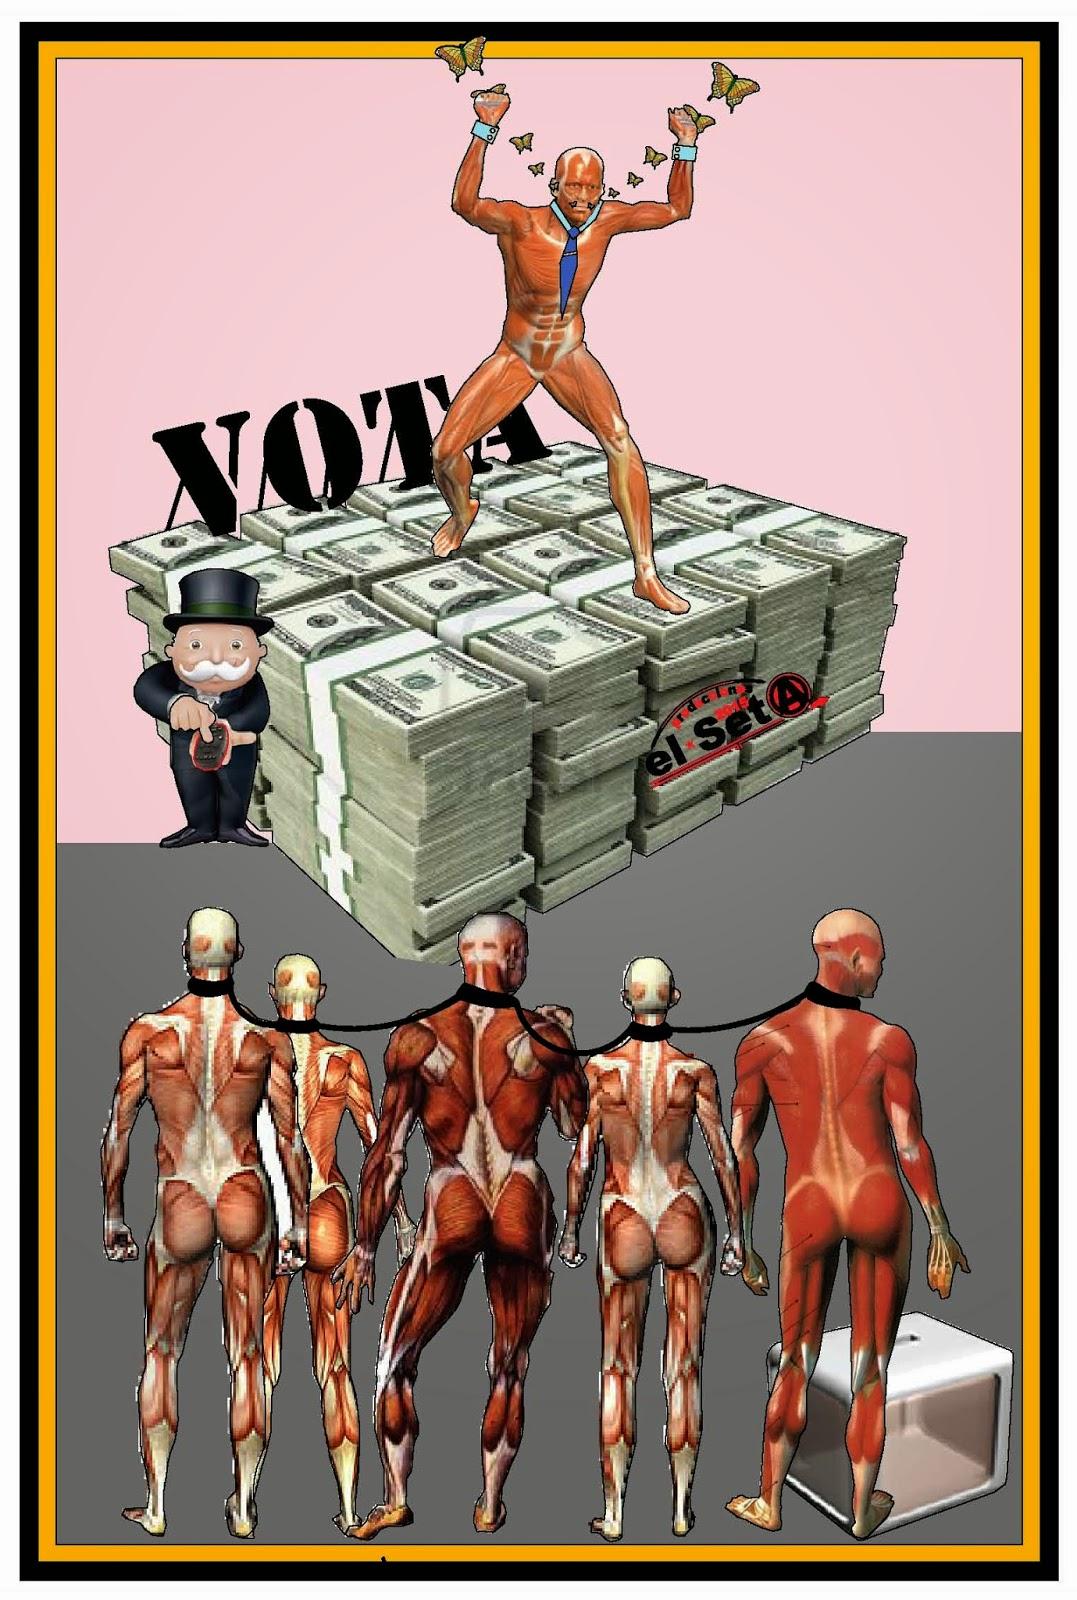 http://4.bp.blogspot.com/-YvtNYpsdzas/VTjEpN3woMI/AAAAAAAABcc/kJN6cnViFa8/s1600/2-El_Candidato.jpg